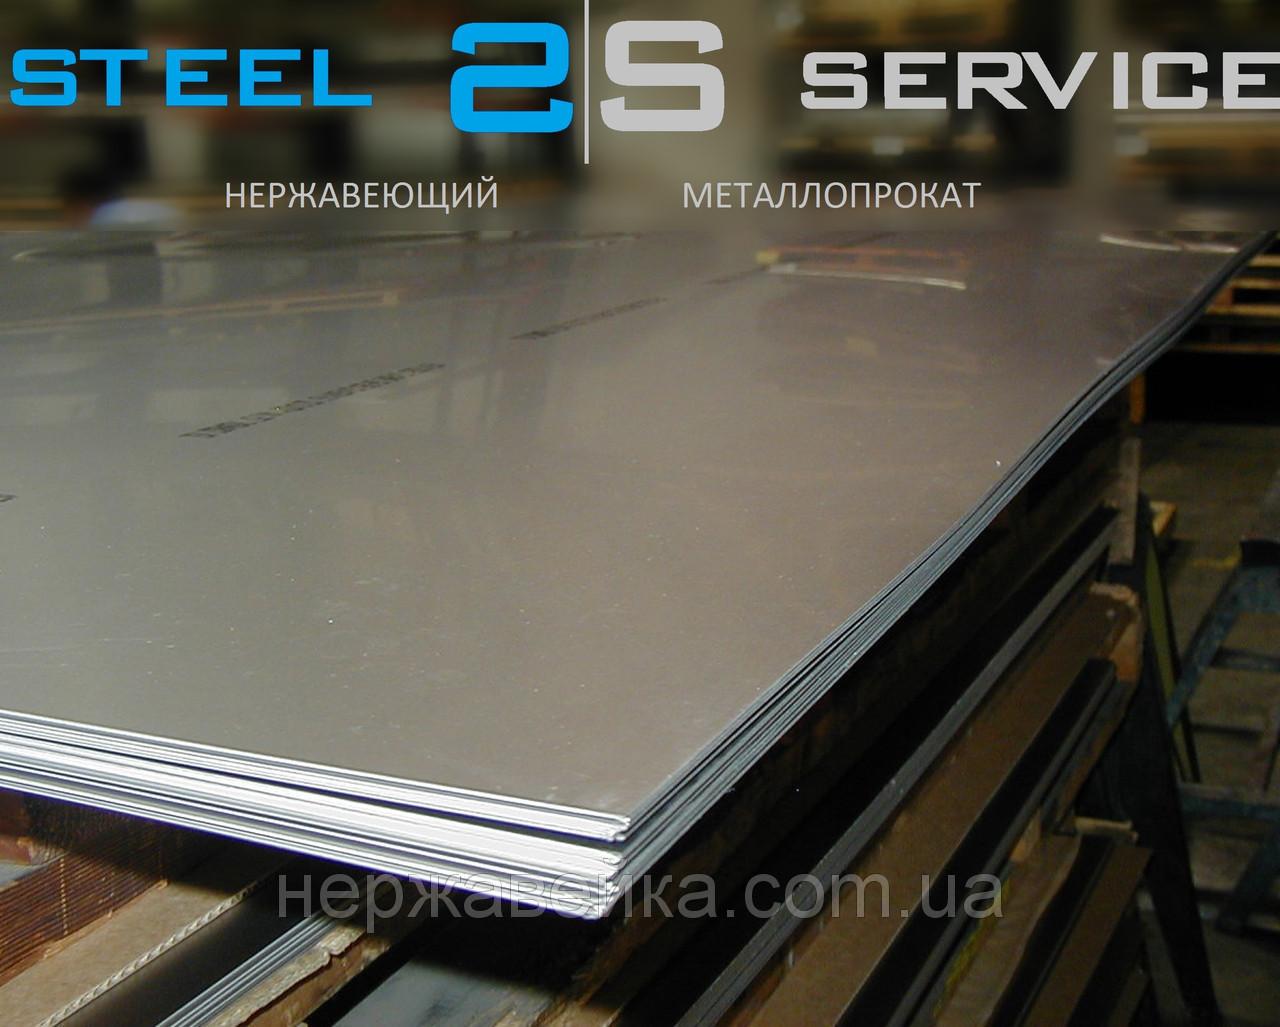 Нержавеющий лист 50х1500х3000мм  AISI 321(08Х18Н10Т) F1 - горячекатанный, пищевой